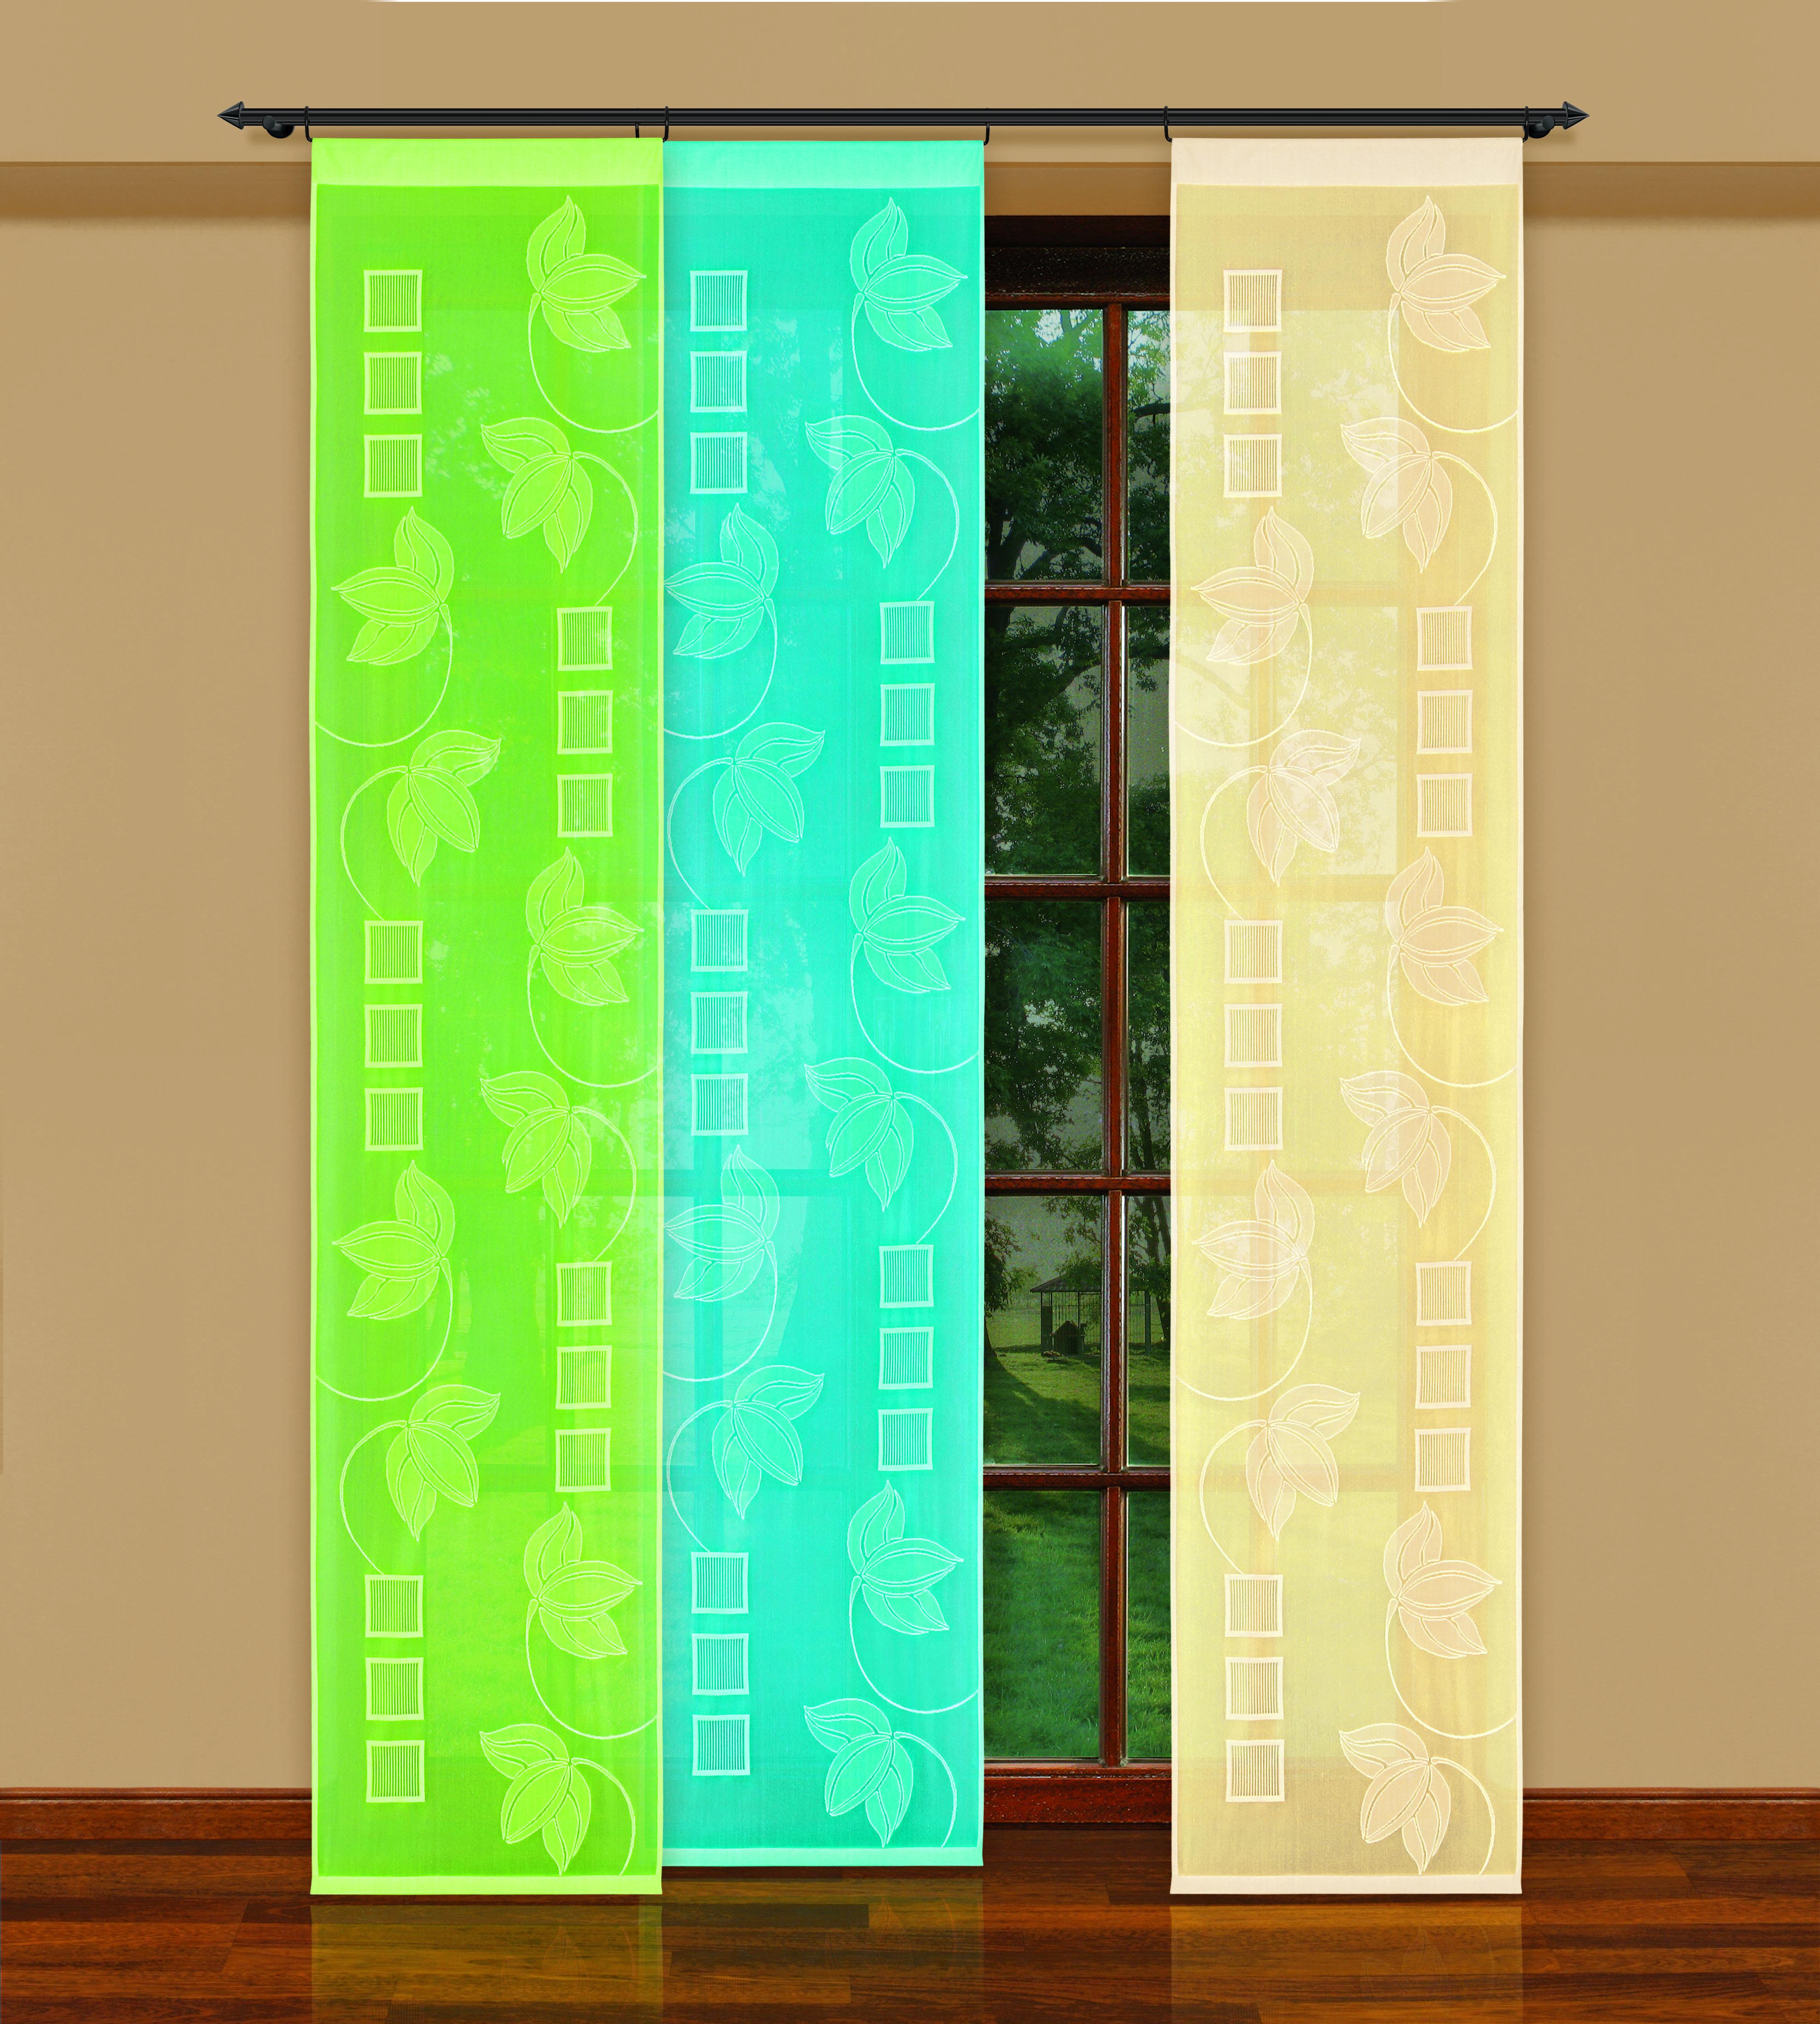 Гардина-панно HAFT 250*50. 207780/50 салатовый207780/50 салатовыйГардина-панно XAFT 250*50. 207780/50 салатовый Материал: 100% п/э, размер: 250*50, цвет: саоатовый